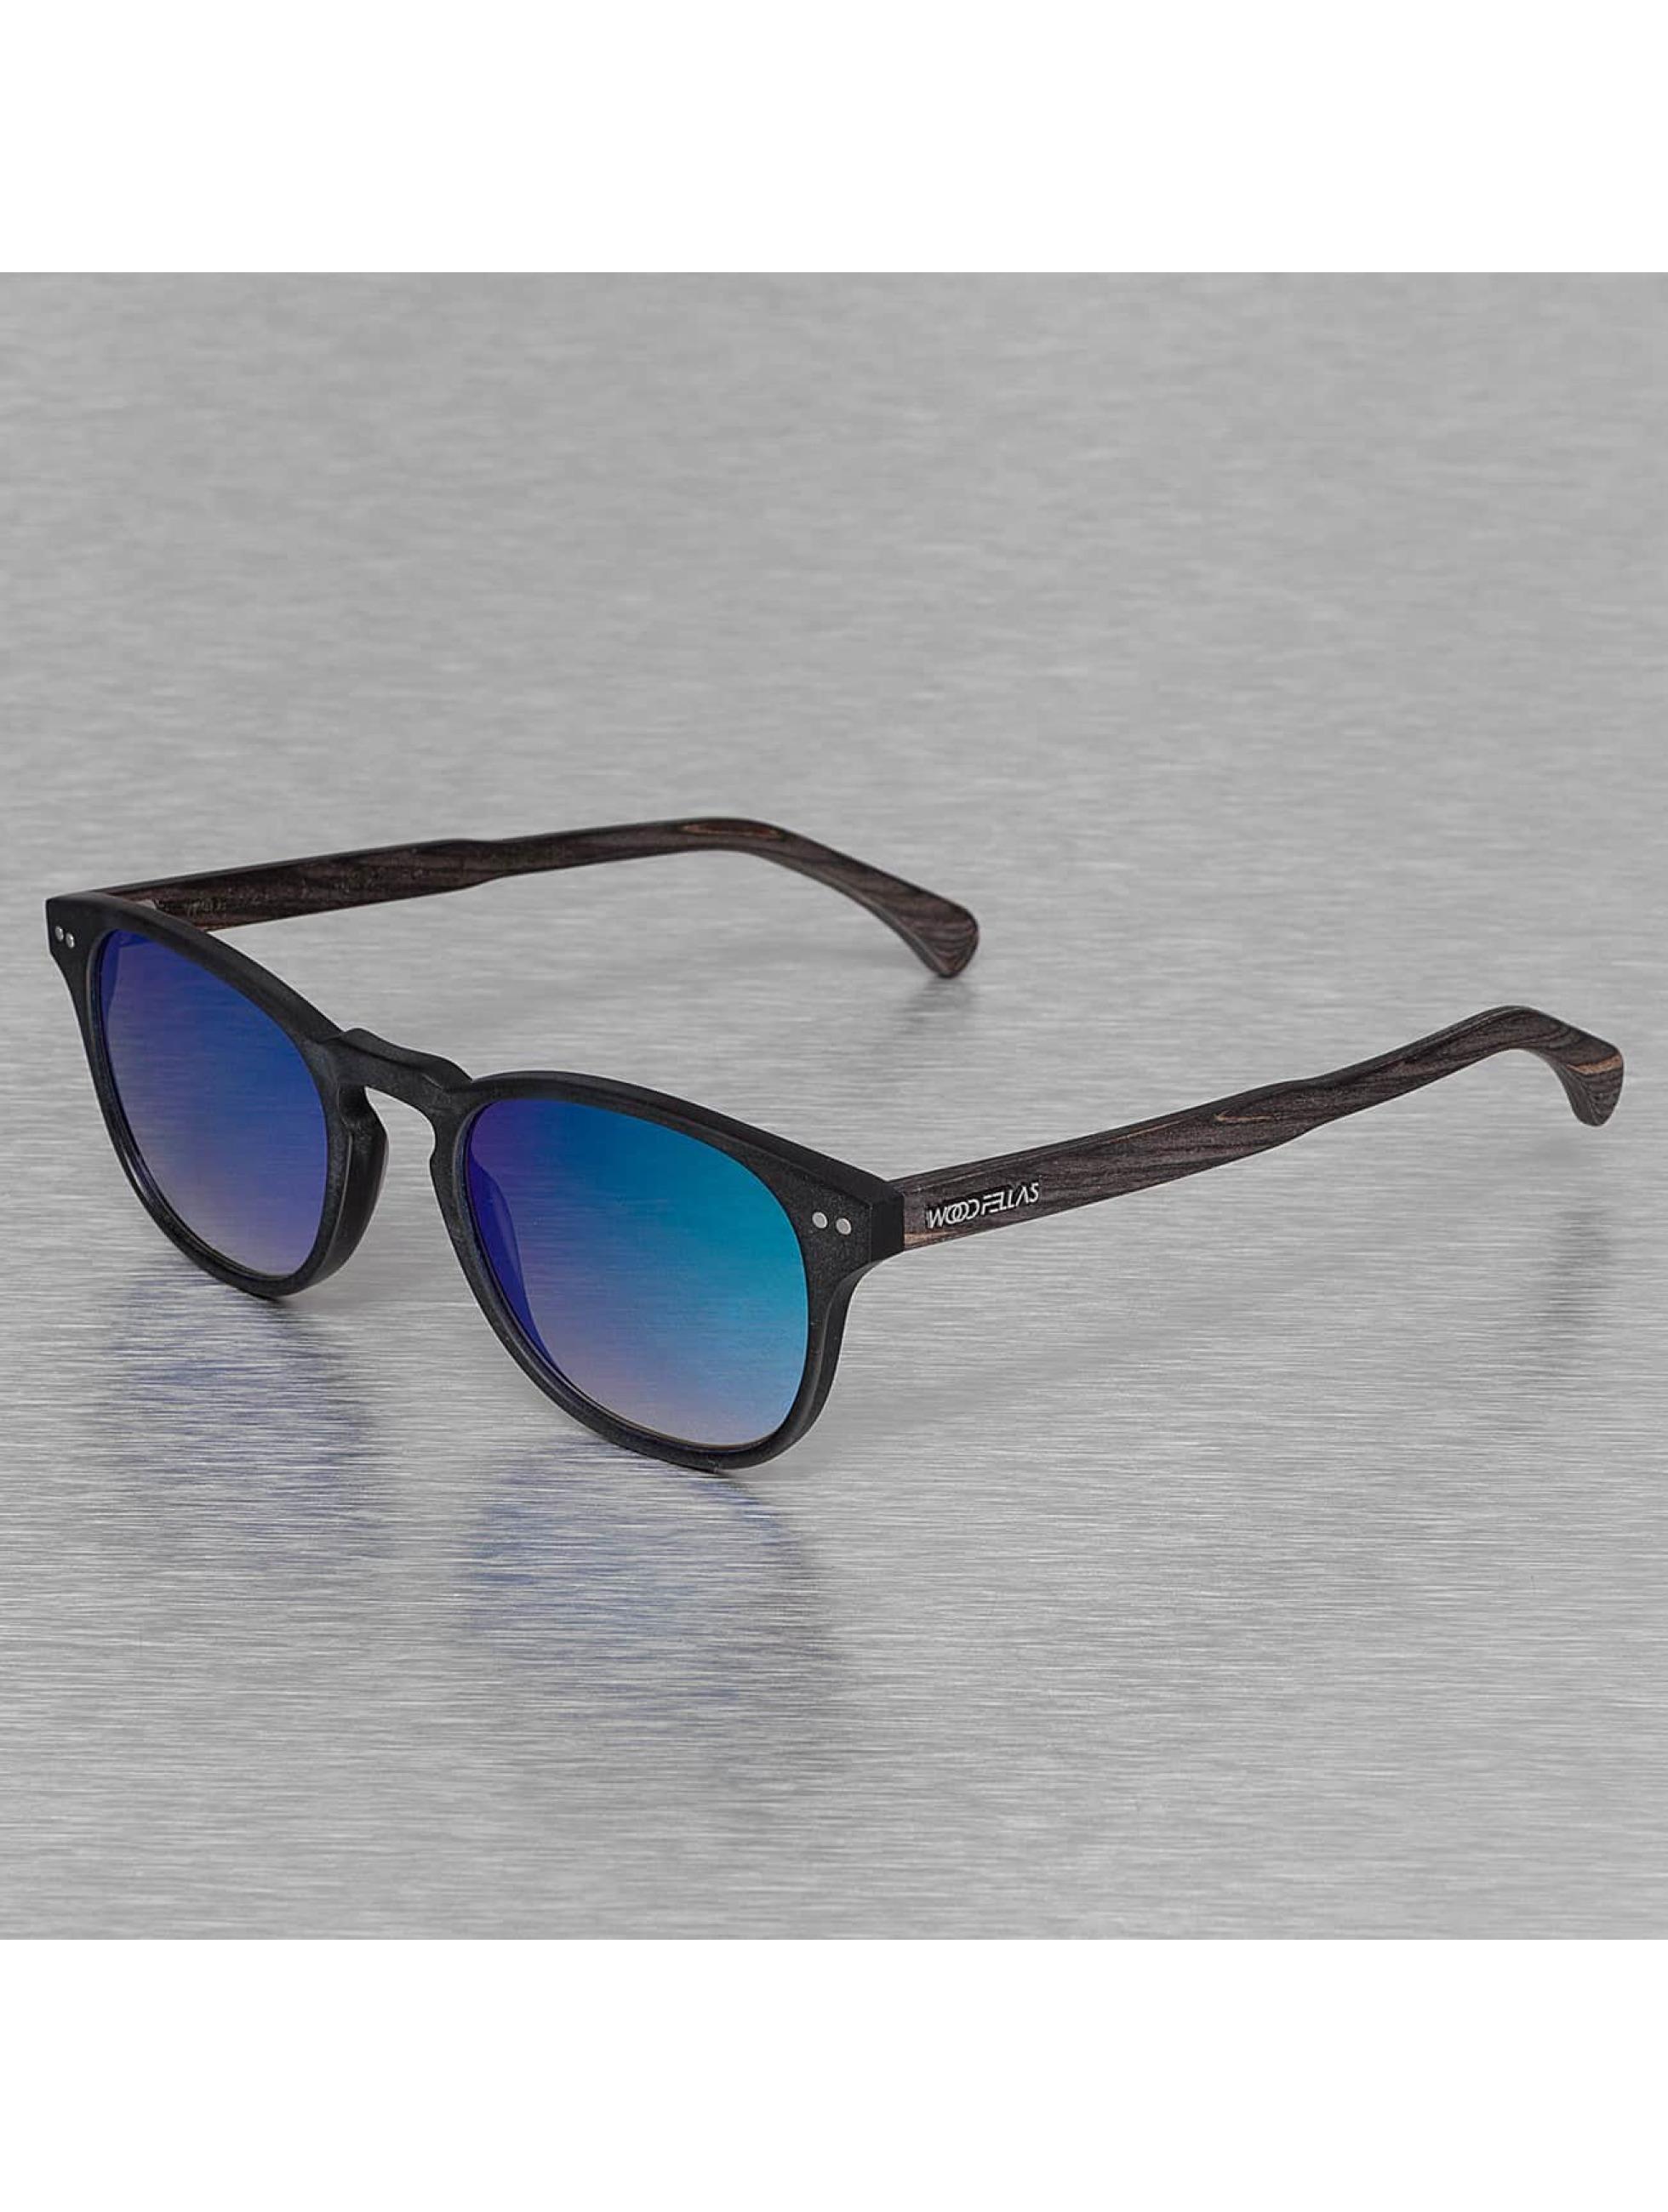 Wood Fellas Eyewear Männer,Frauen Sonnenbrille Eyewear Haidhausen Polarized Mirror in schwarz